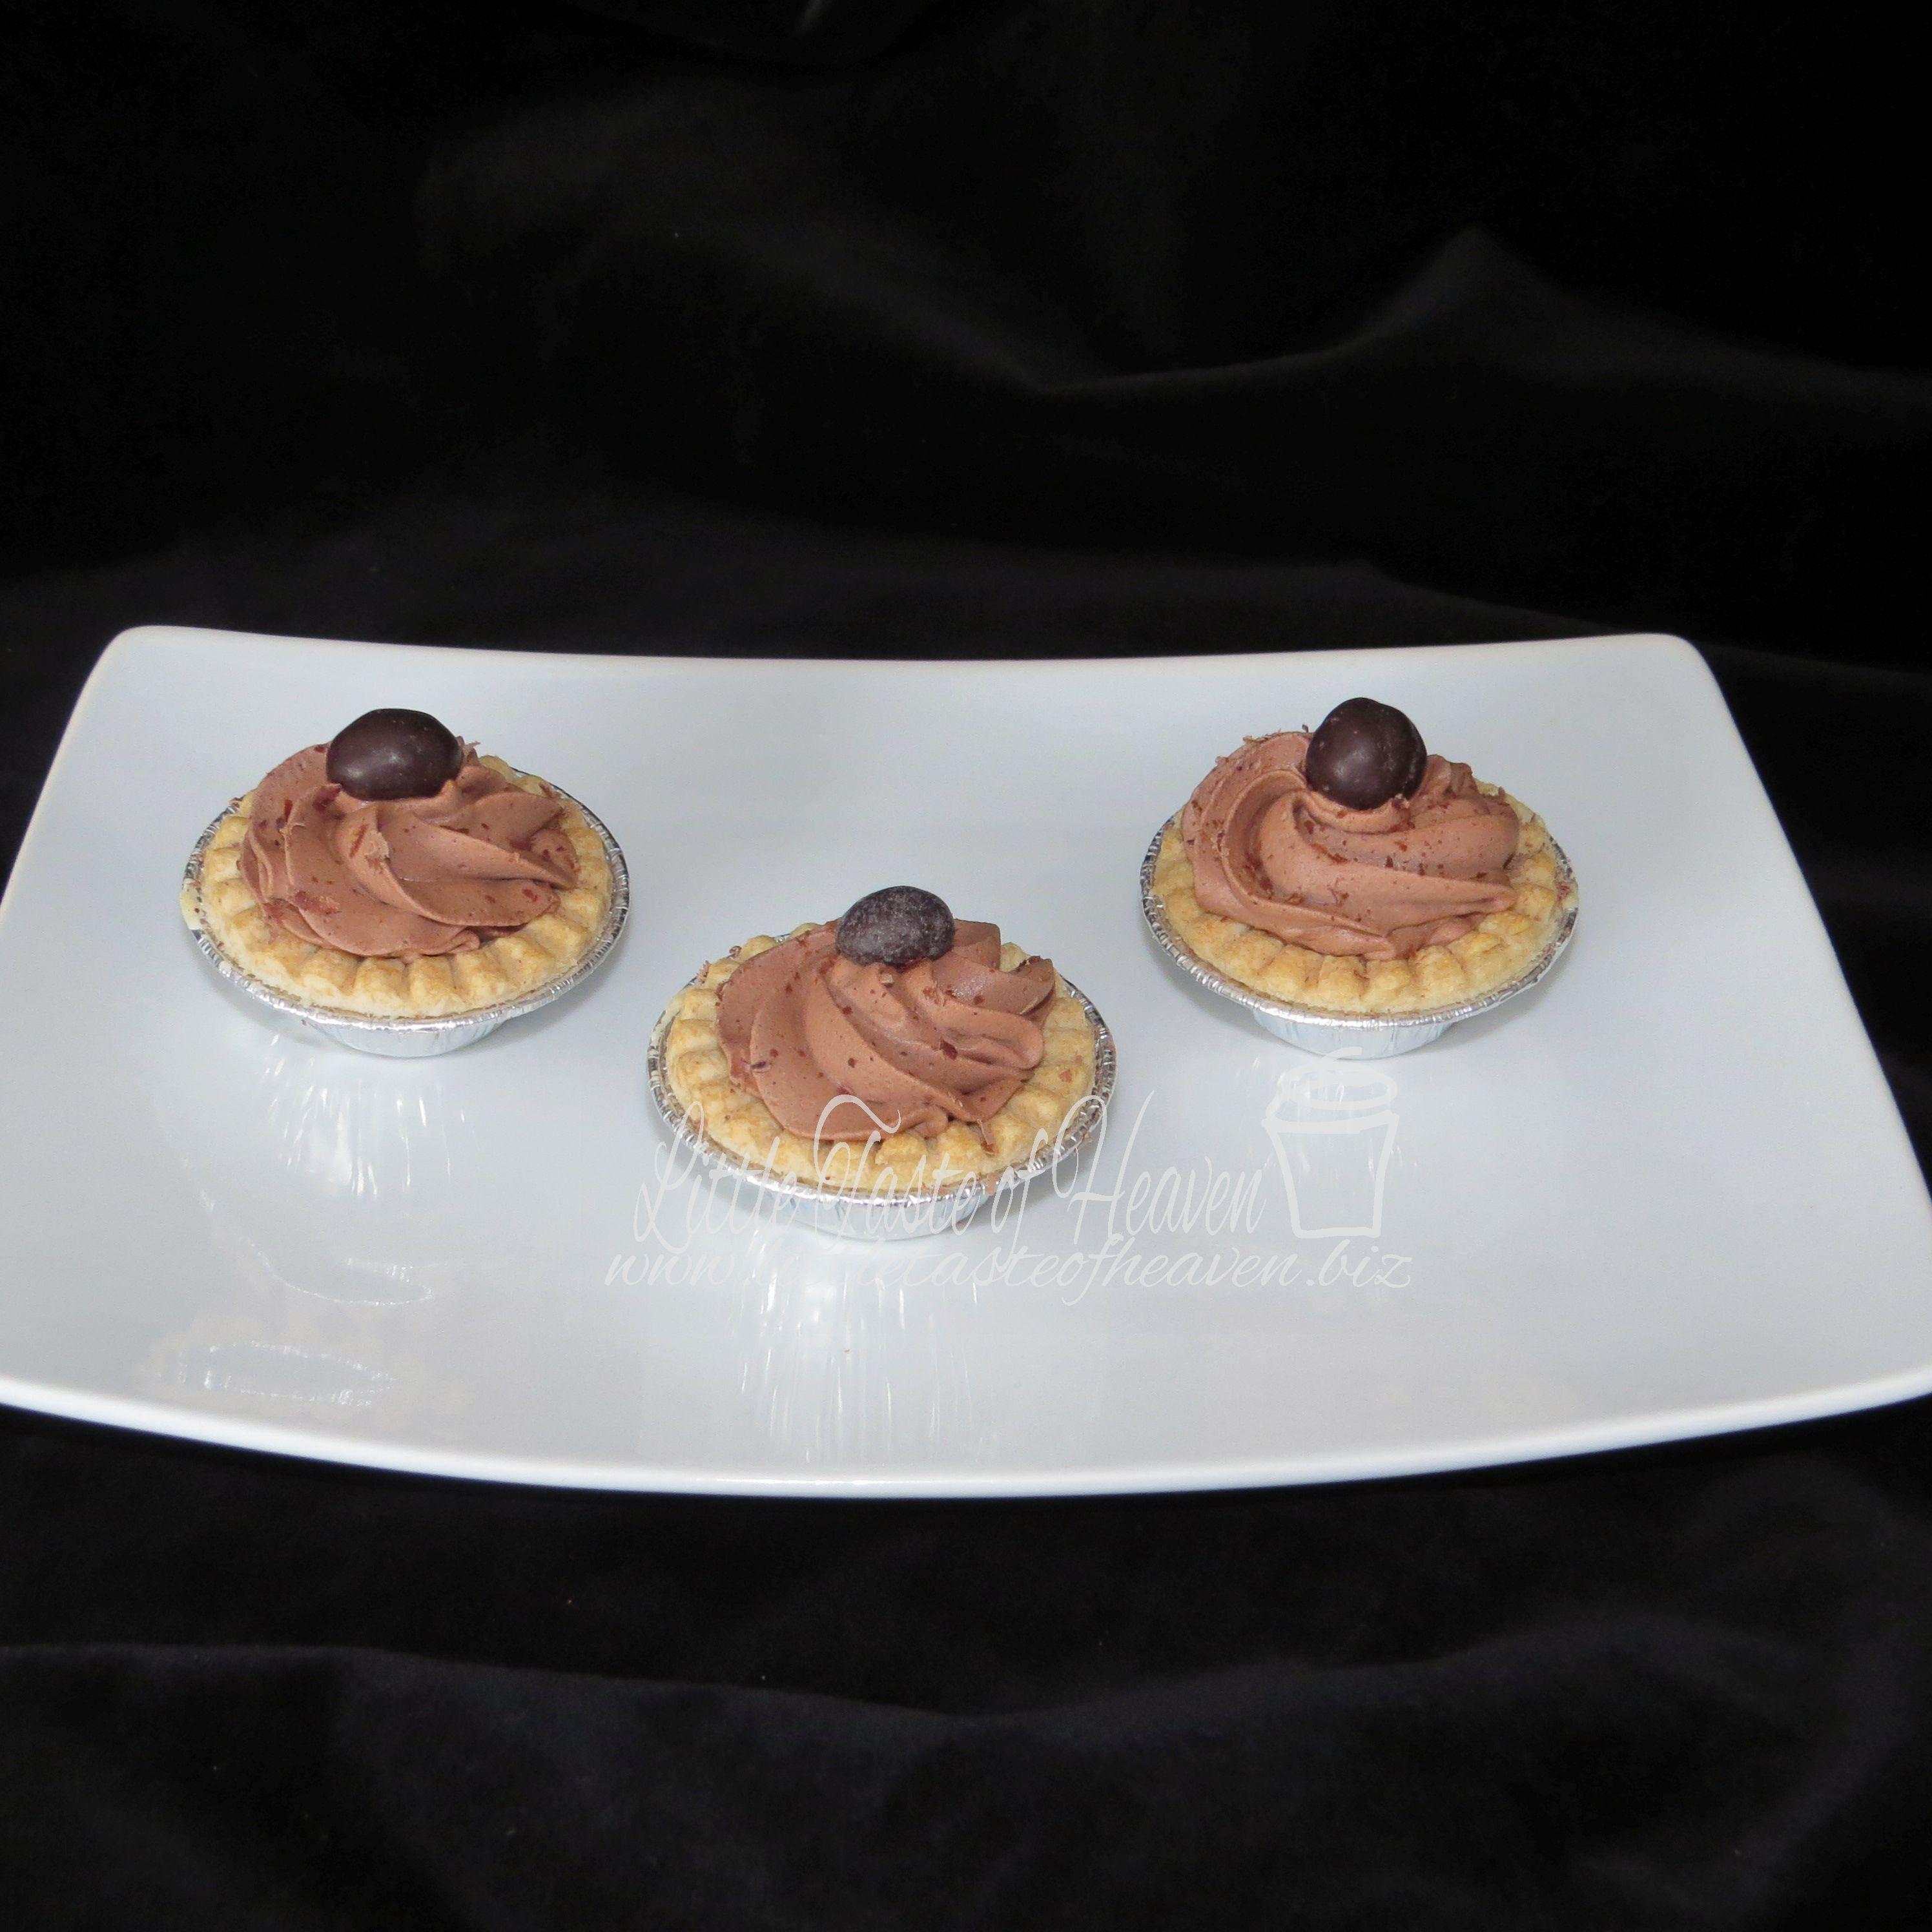 Mocha Mousse tarts